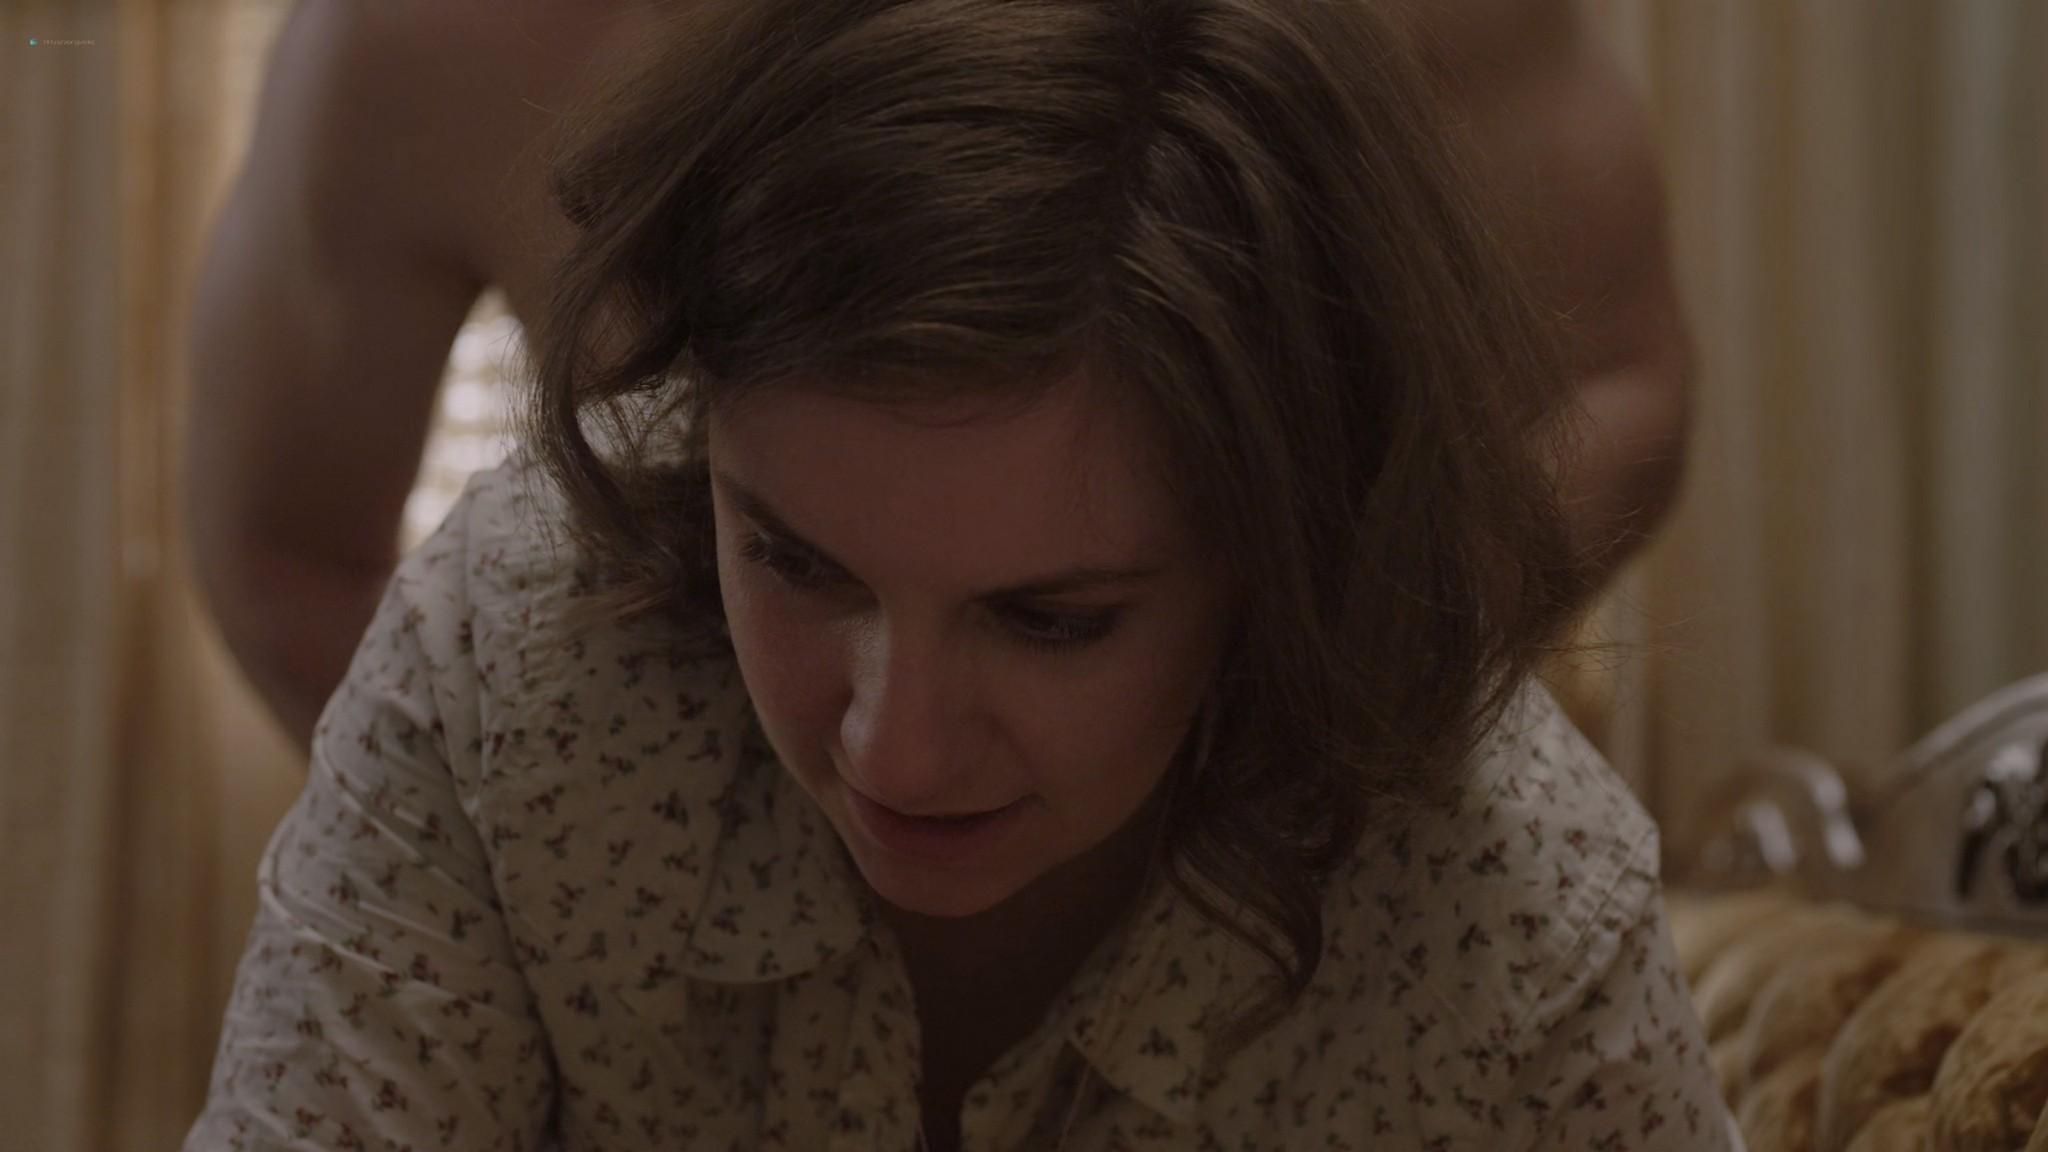 Allison Williams sex doggy style Lena Dunham nude Girls 2012 s1e1 2 1080p Web 6